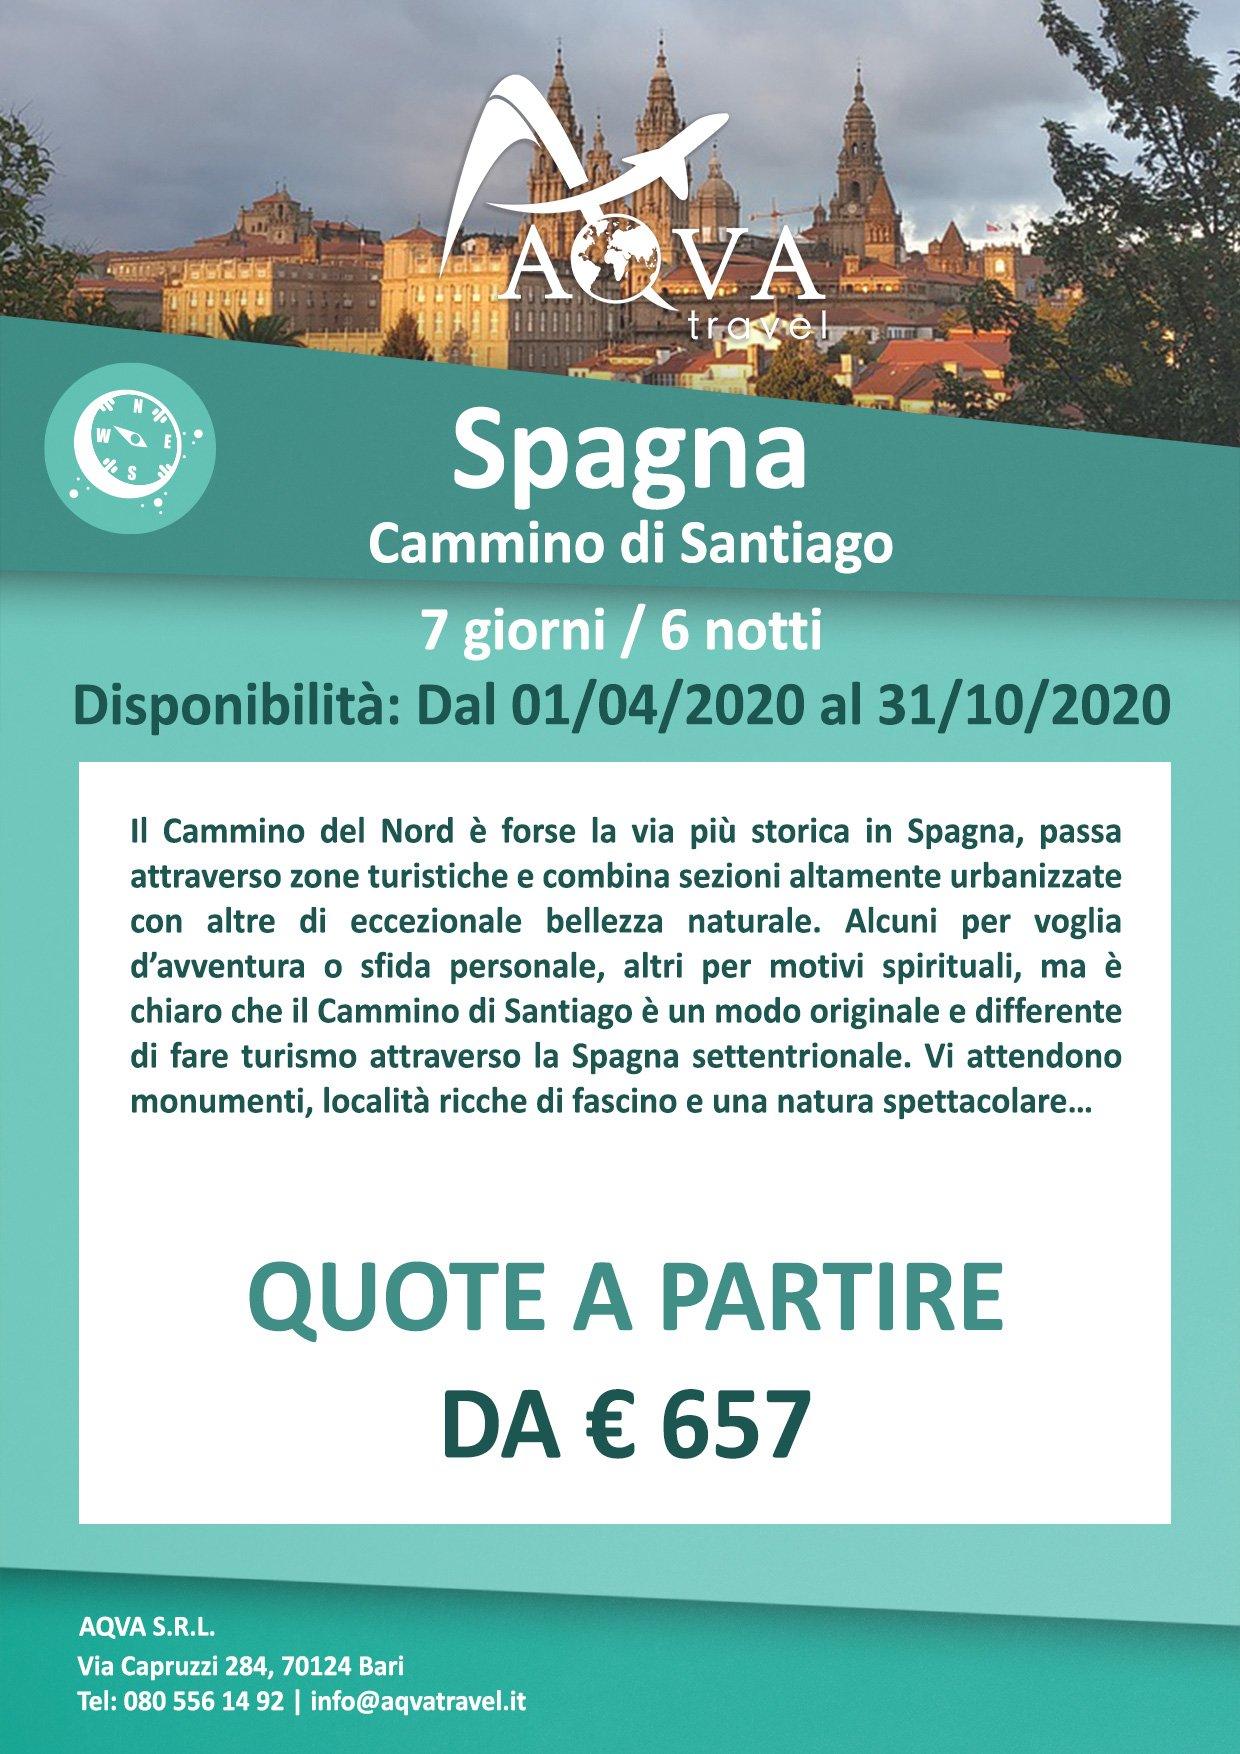 Spagna-Santiago--offerte-agenzia-di-viaggi-Bari-AQVATRAVEL-it